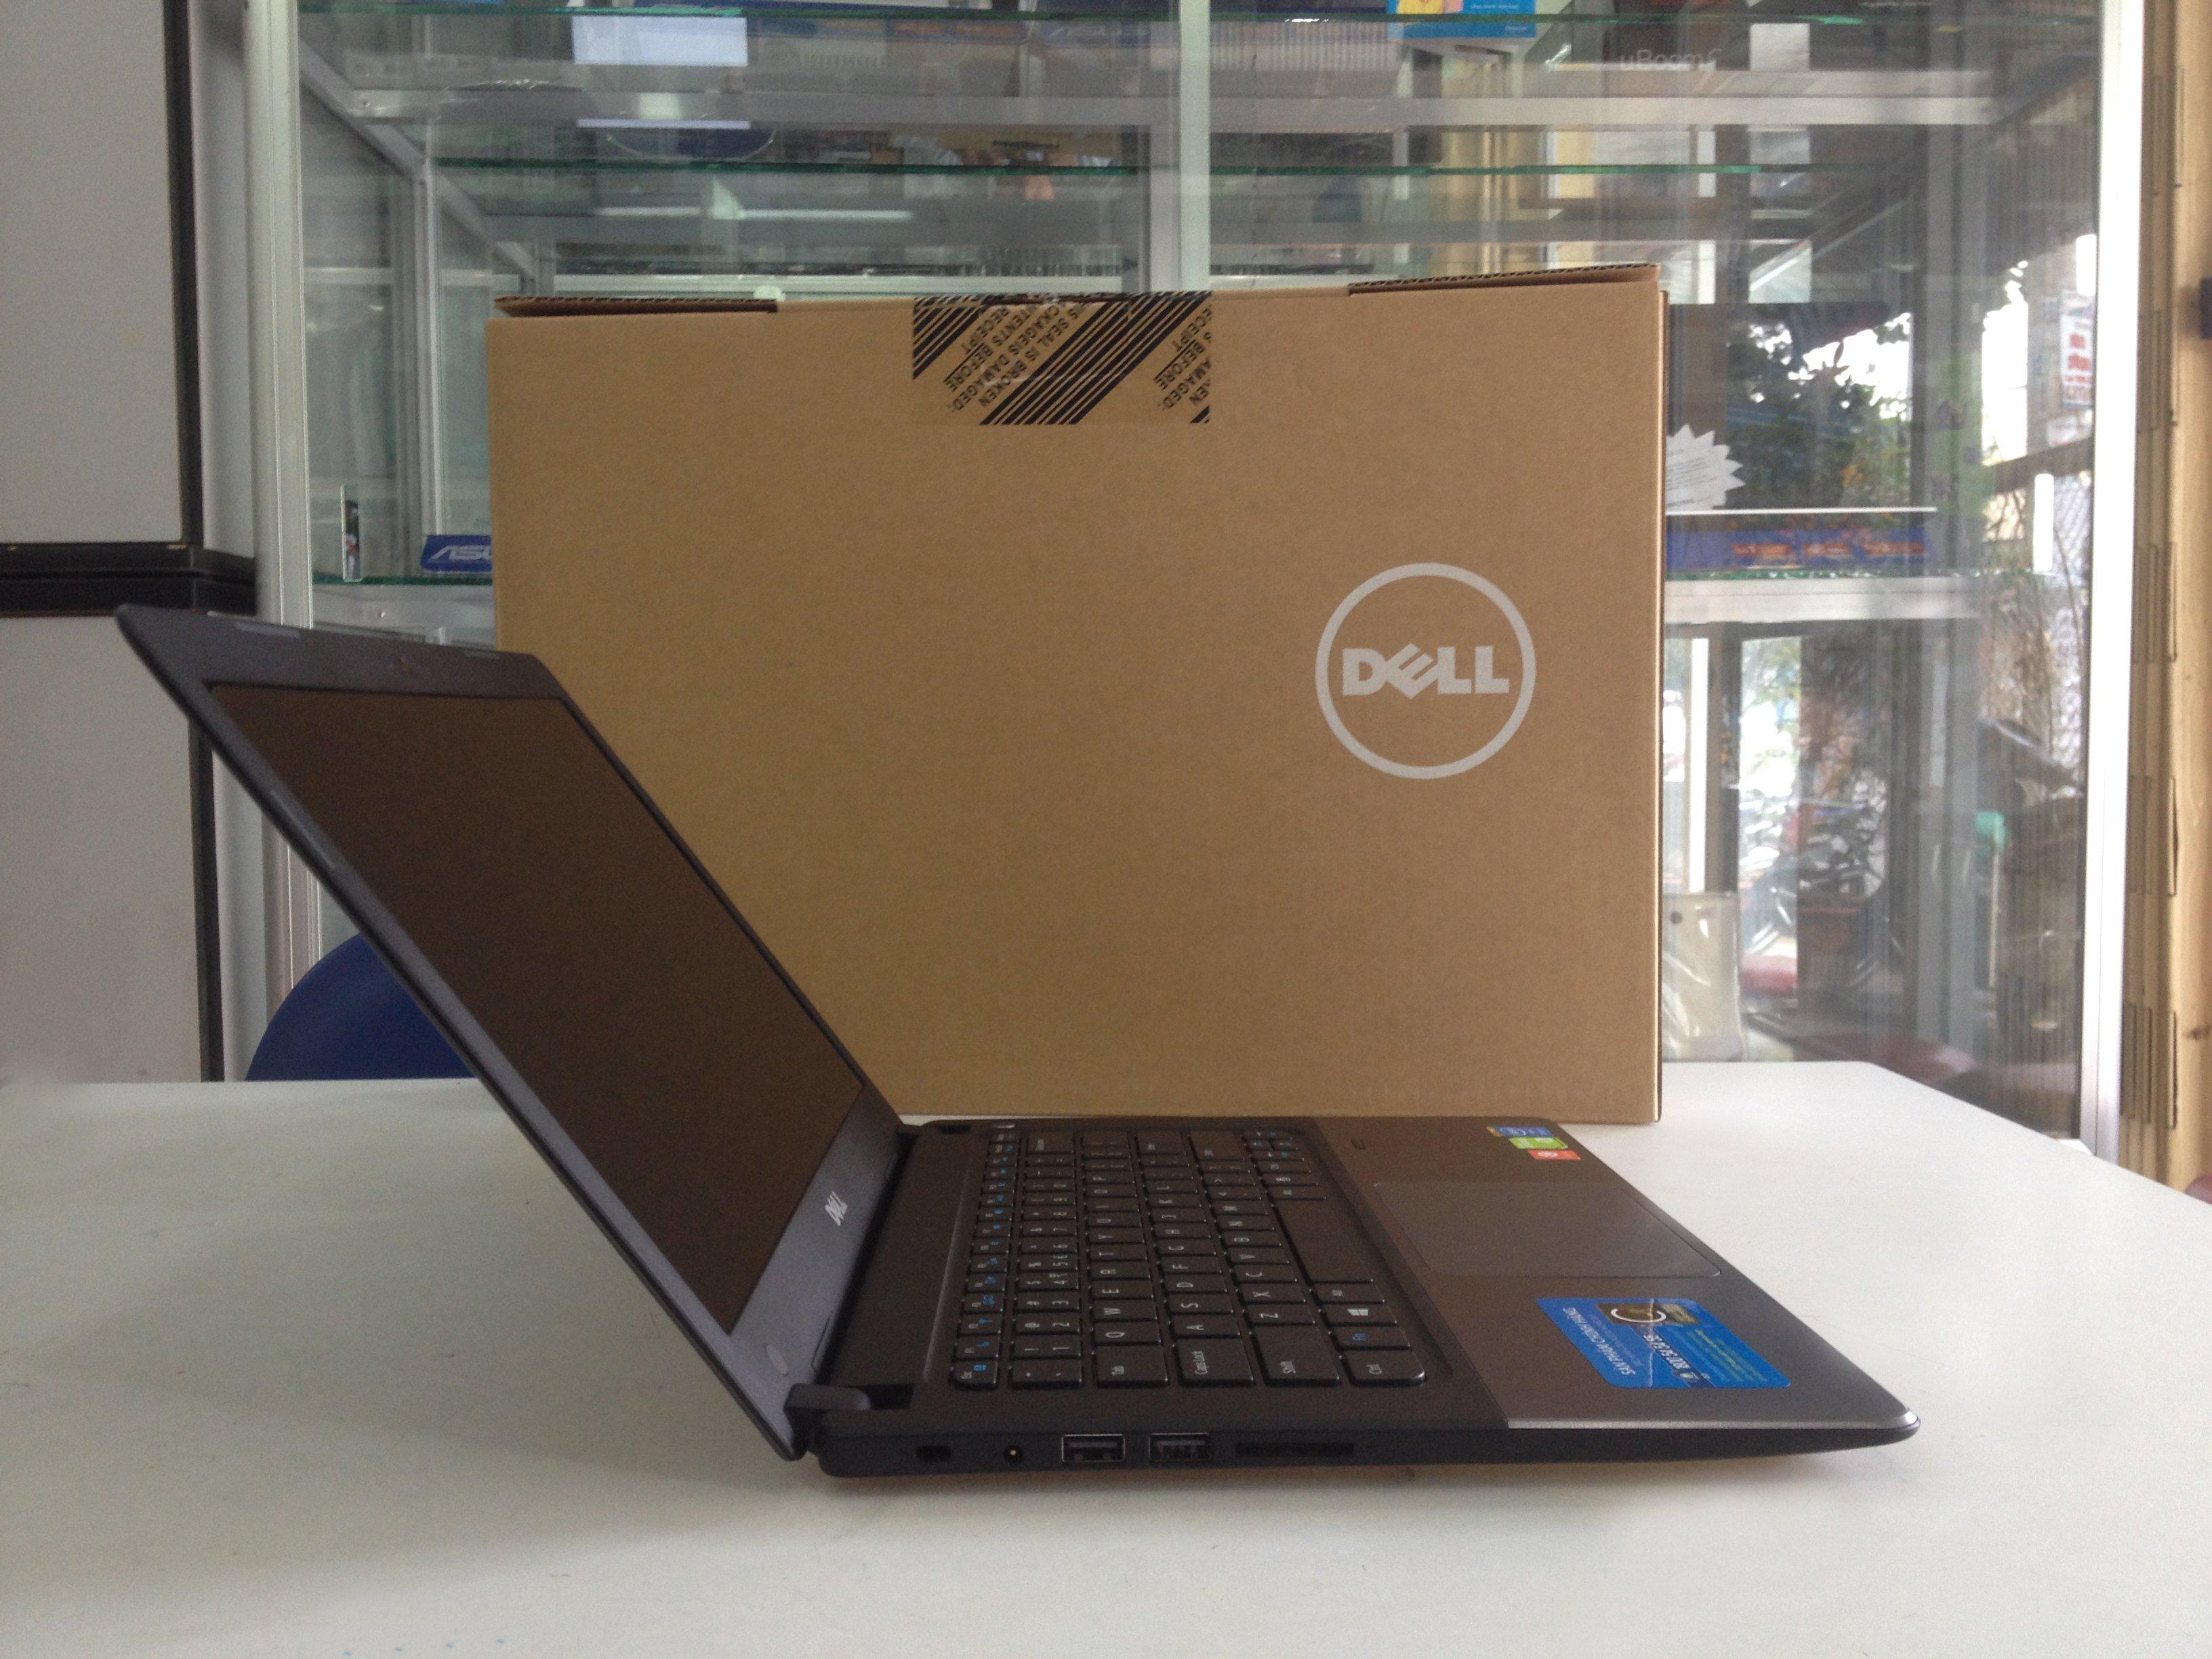 Dell VOSTRO 5470/i5-4200U/VGA 2Gb